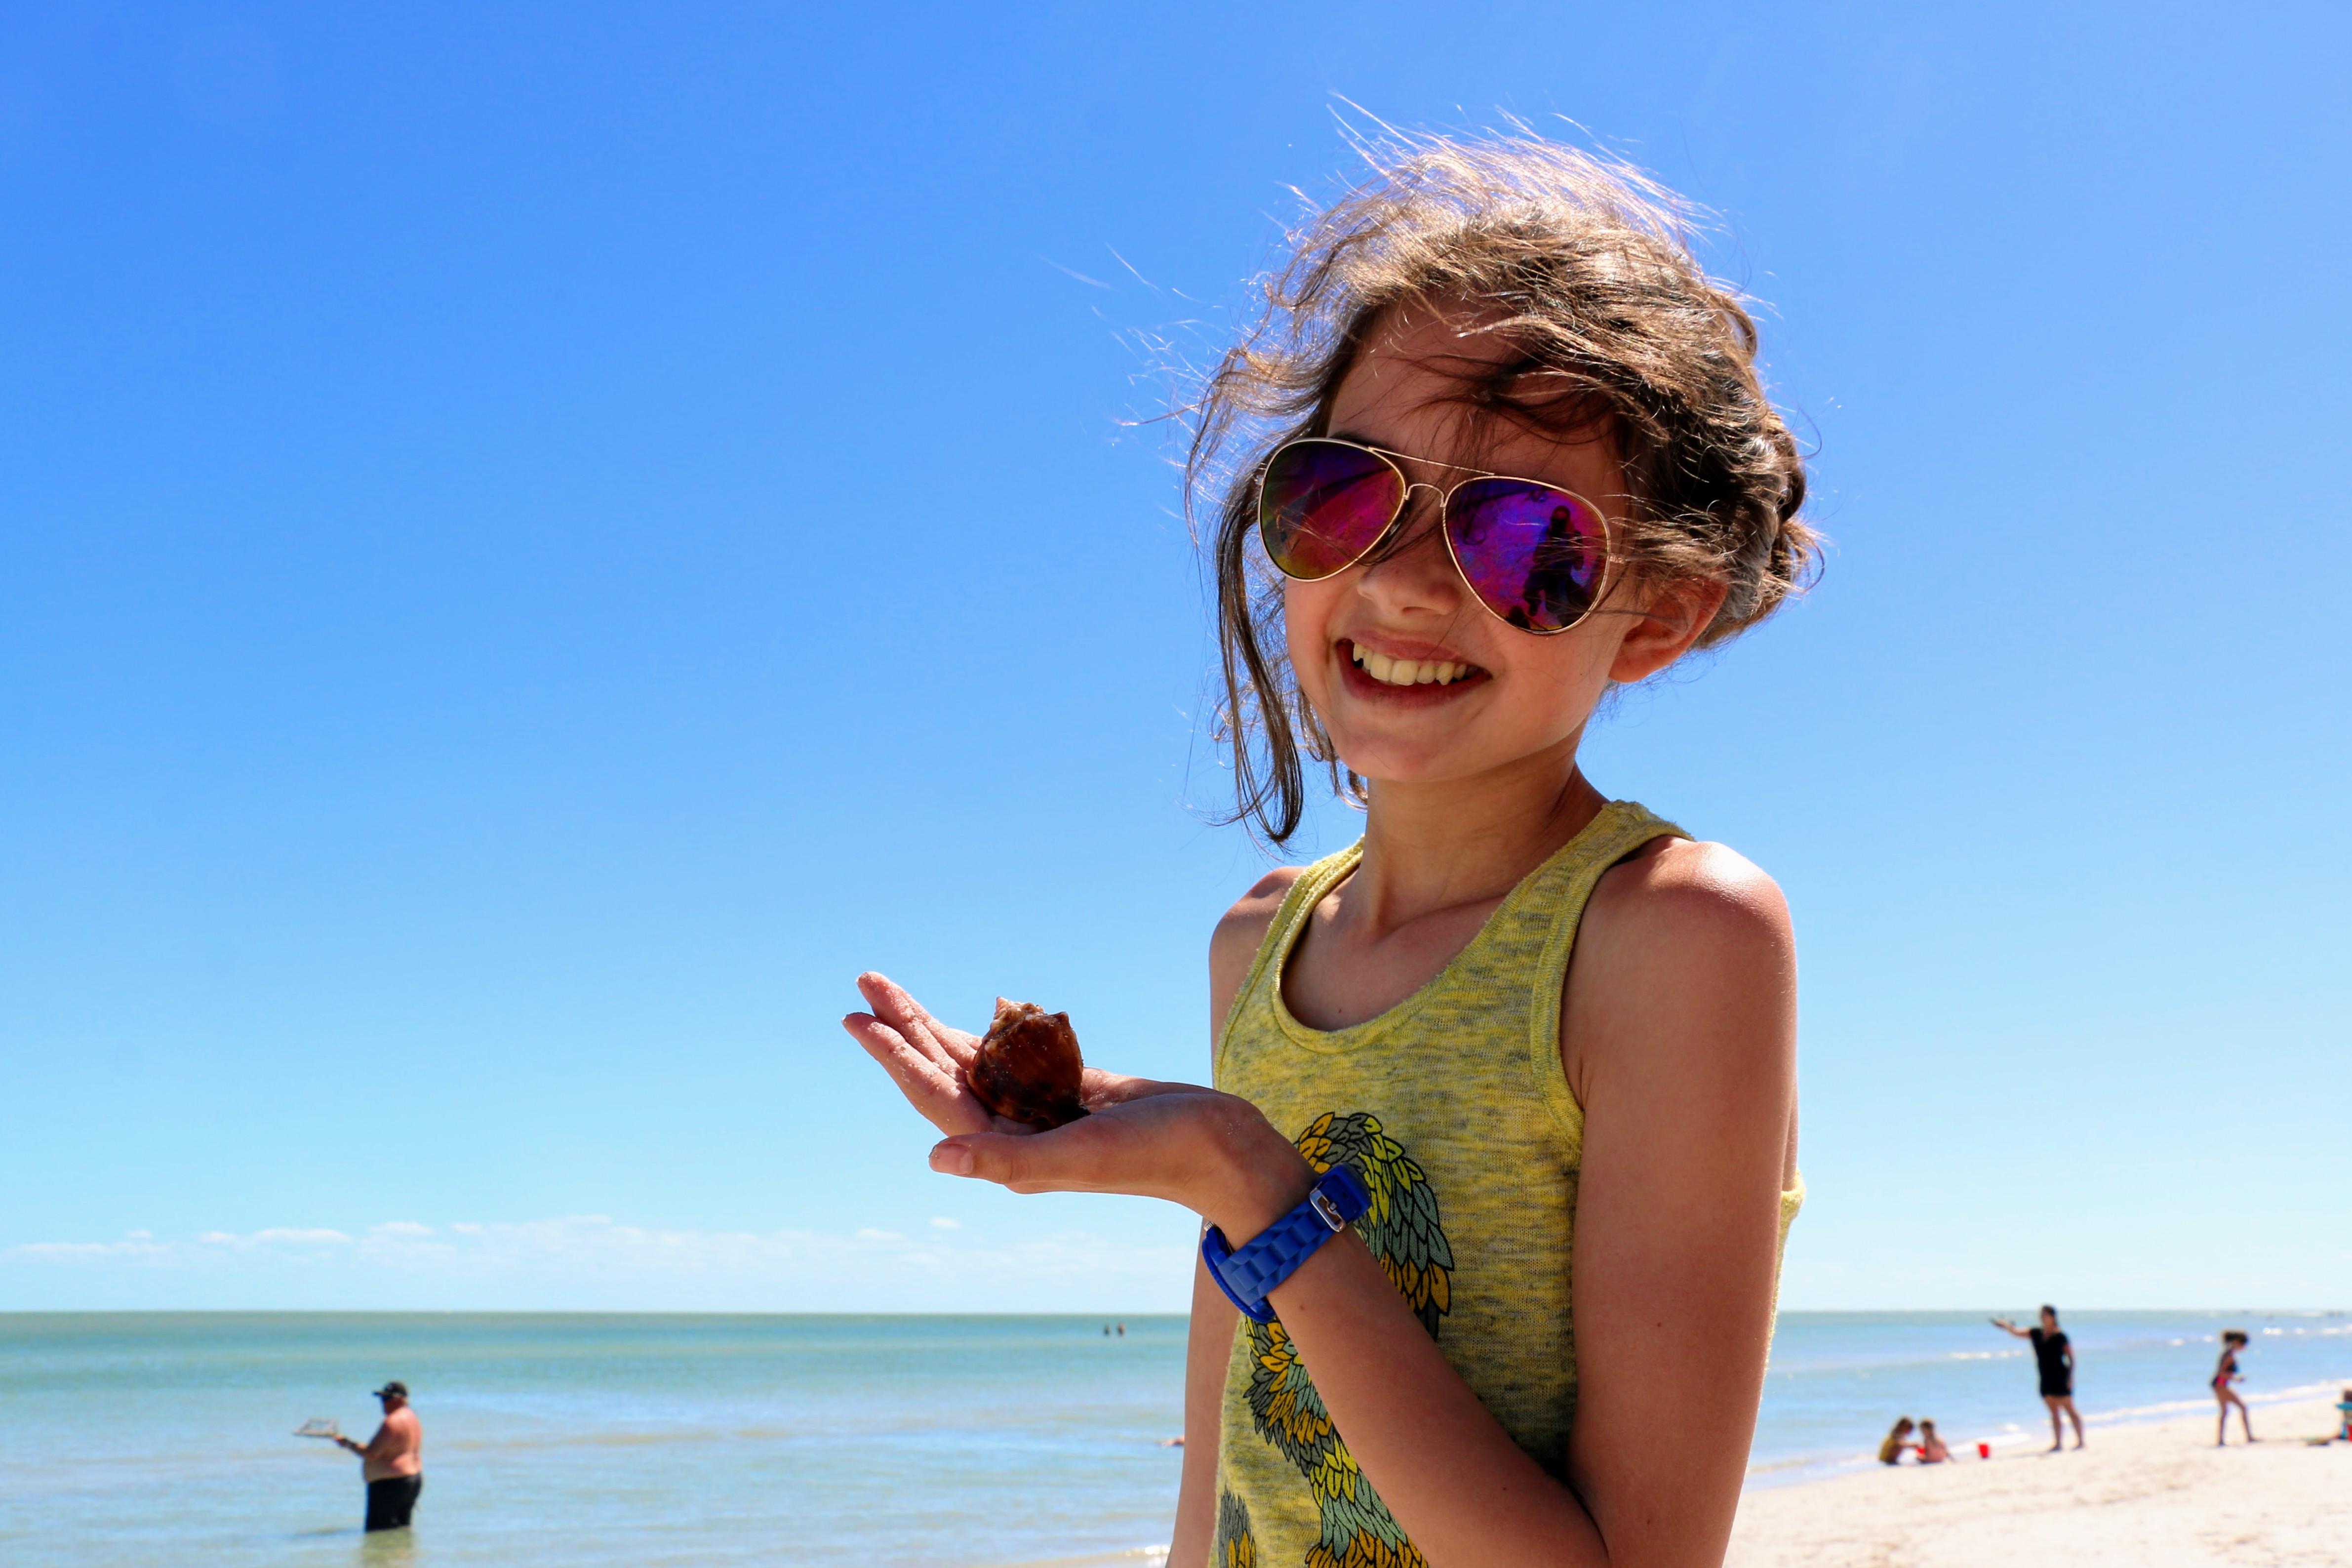 Florida met kind - schelpen zoeken op Sanibel Island